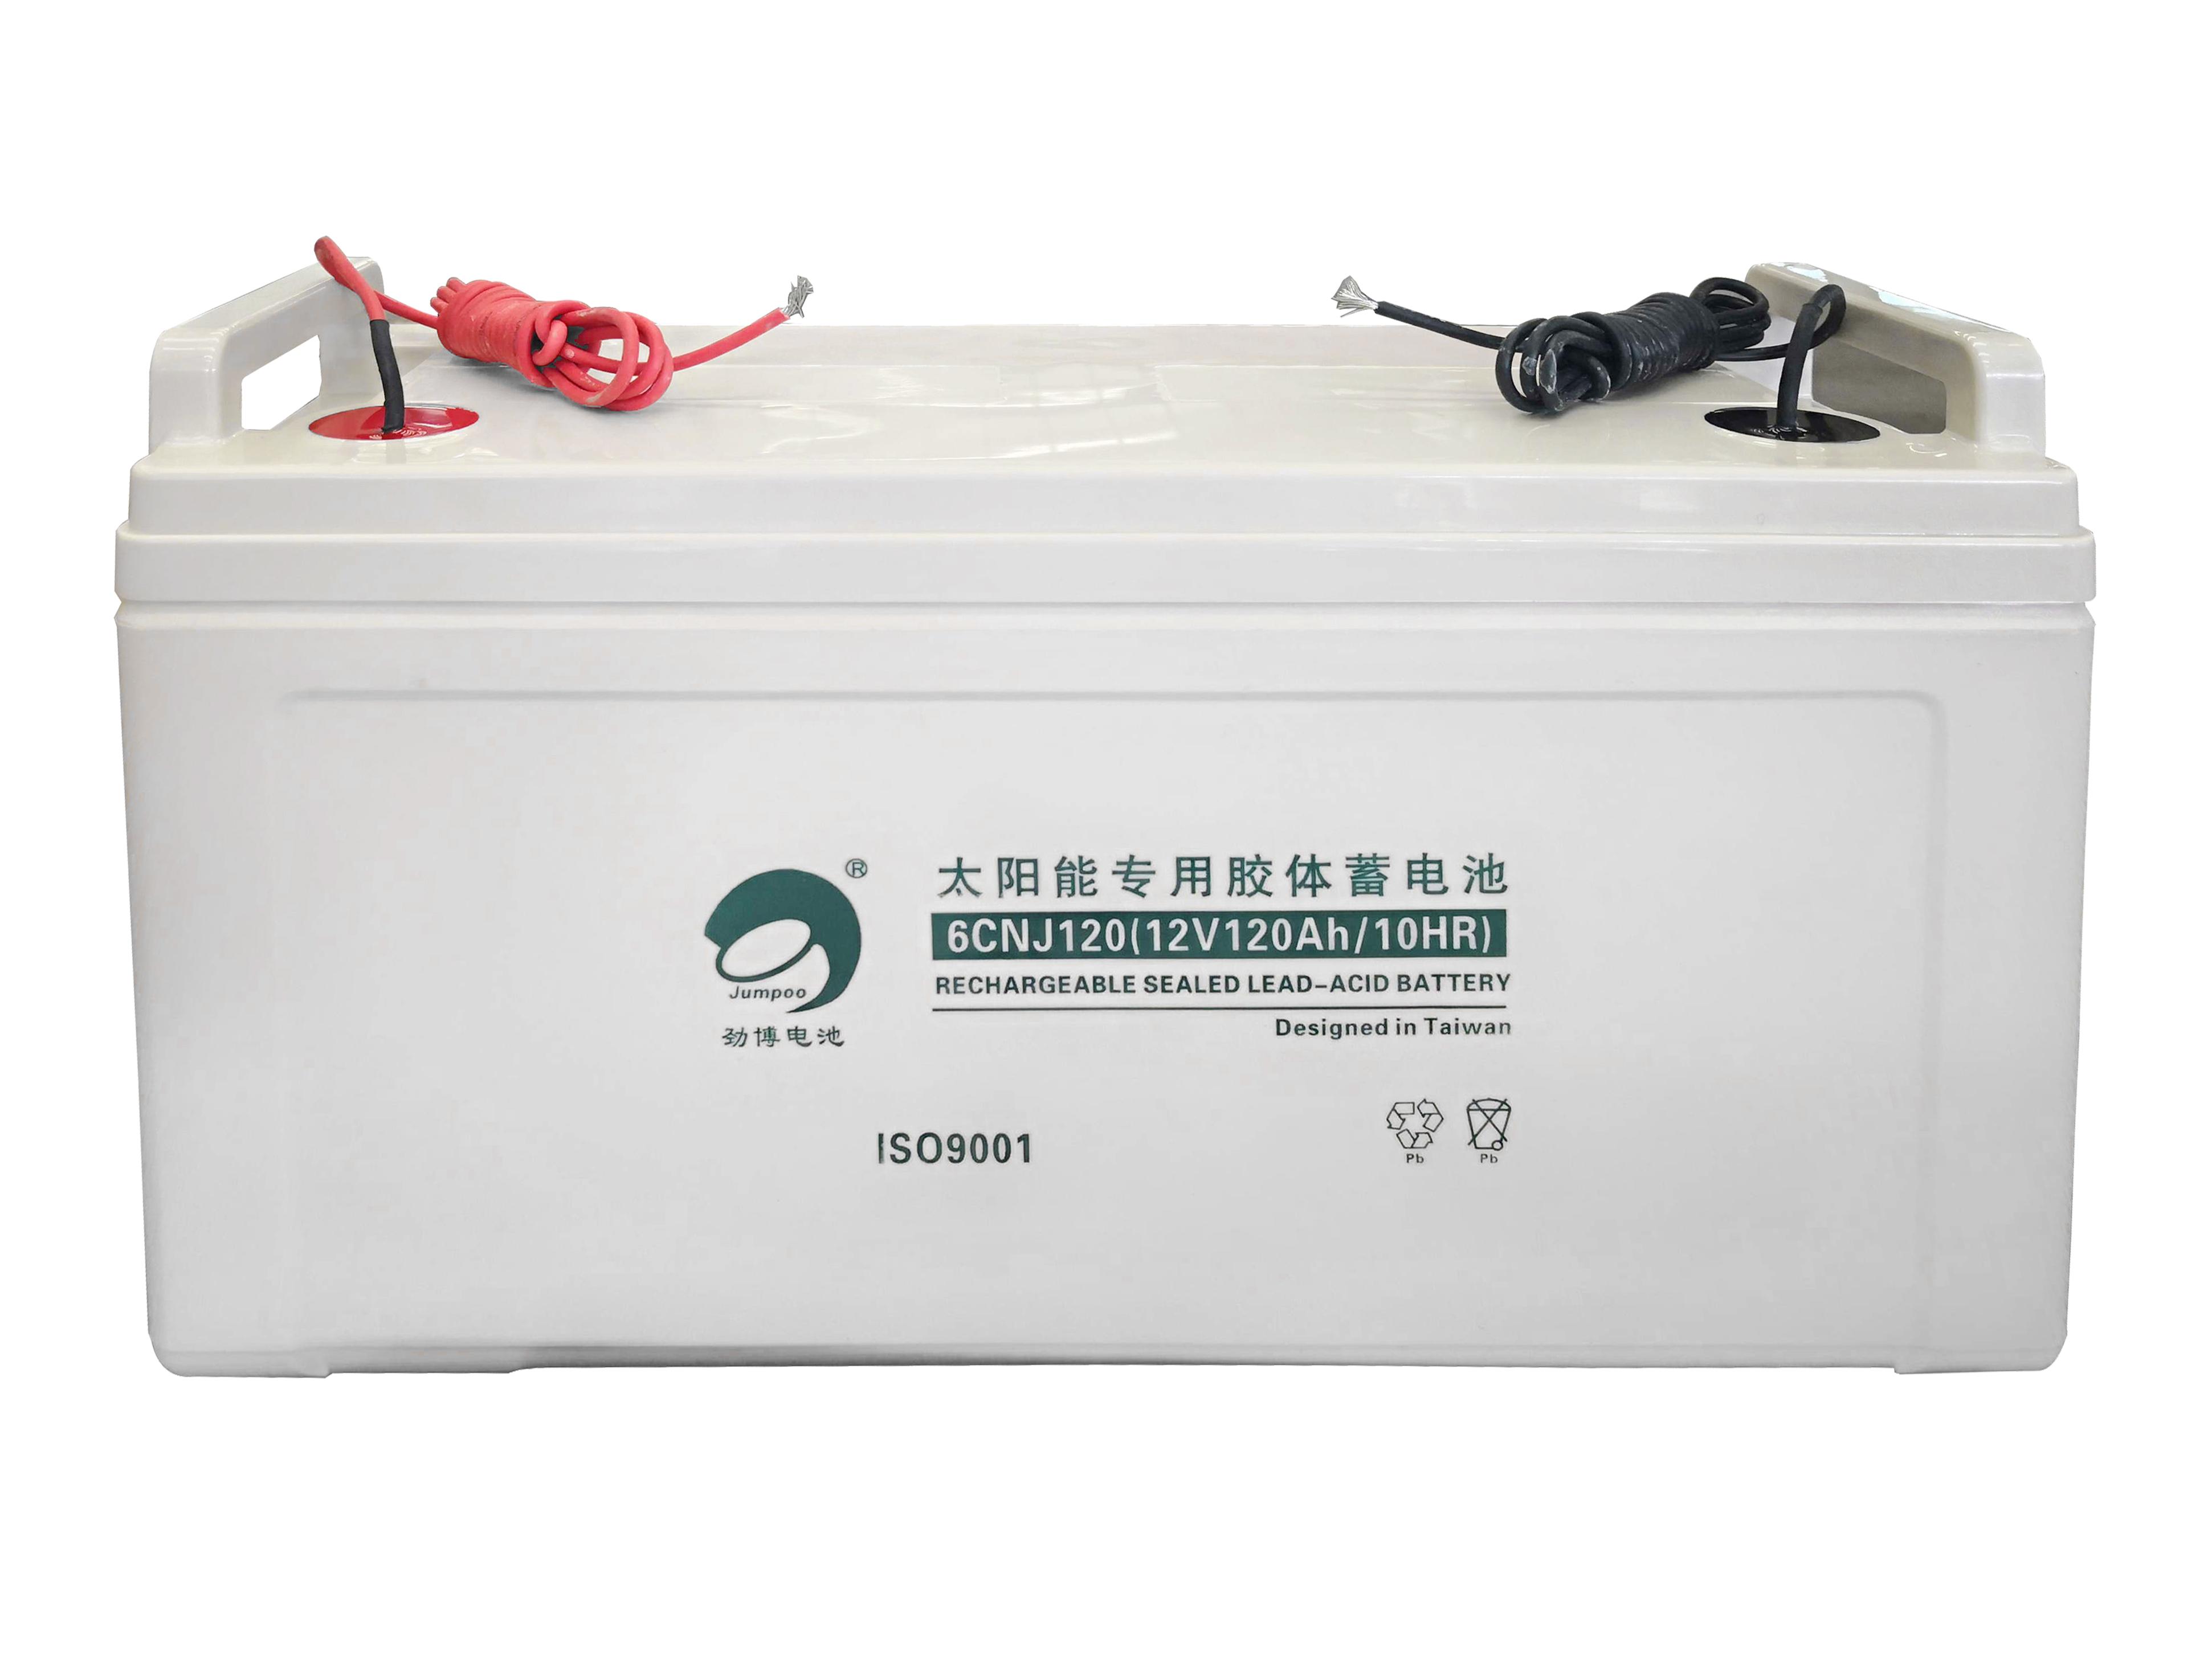 沈阳蓄电池:机架式蓄电池的性能优势